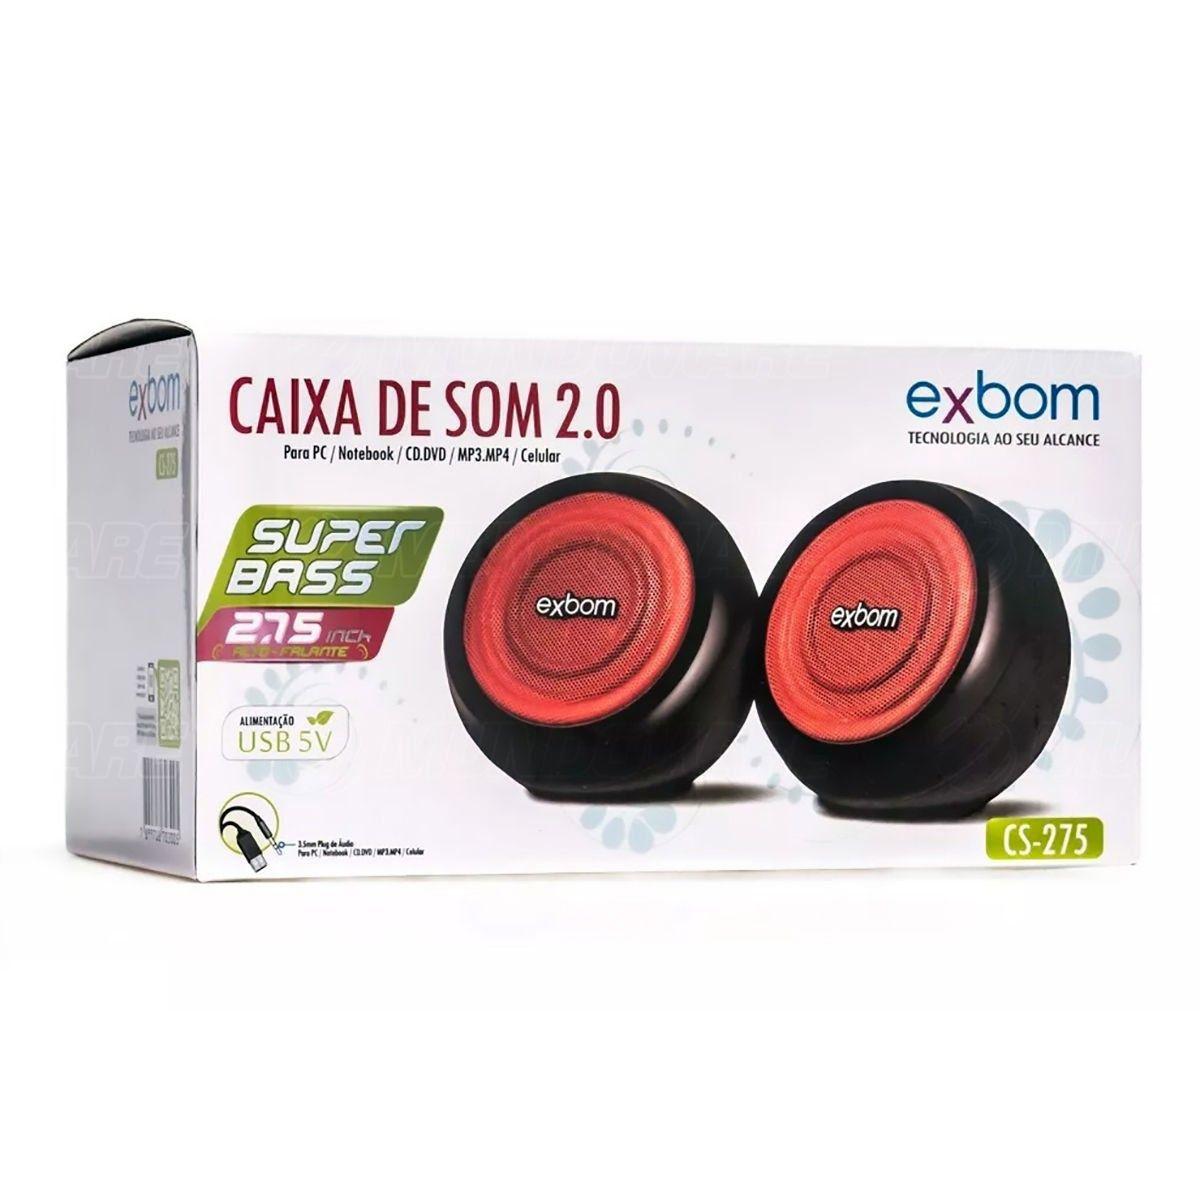 Caixa de Som 2.0 Super Bass 5W RMS USB Exbom CS-275 Preta e Vermelha